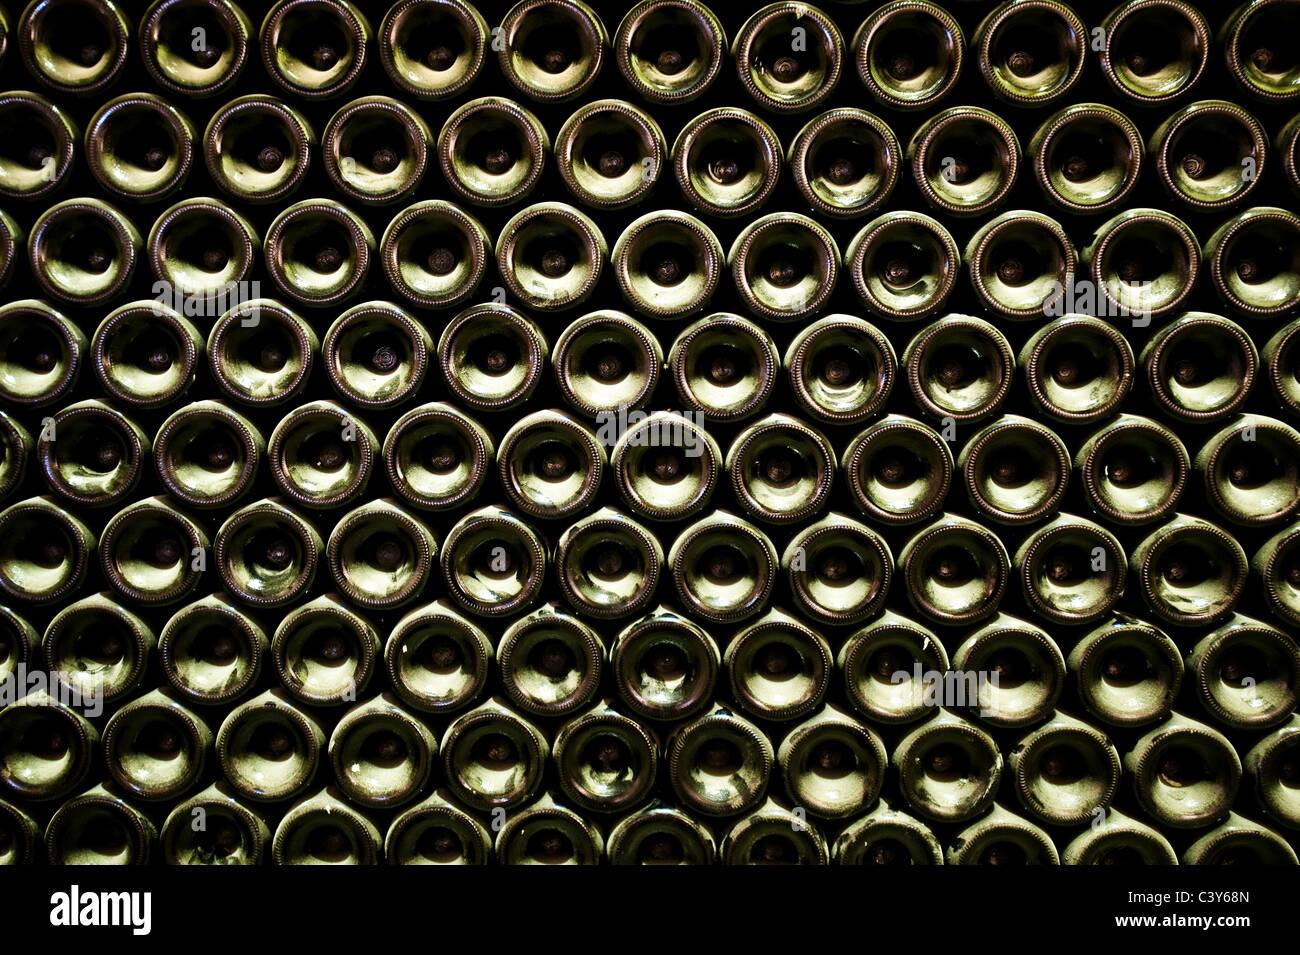 Pila di bottiglie di vino, telaio completo Immagini Stock